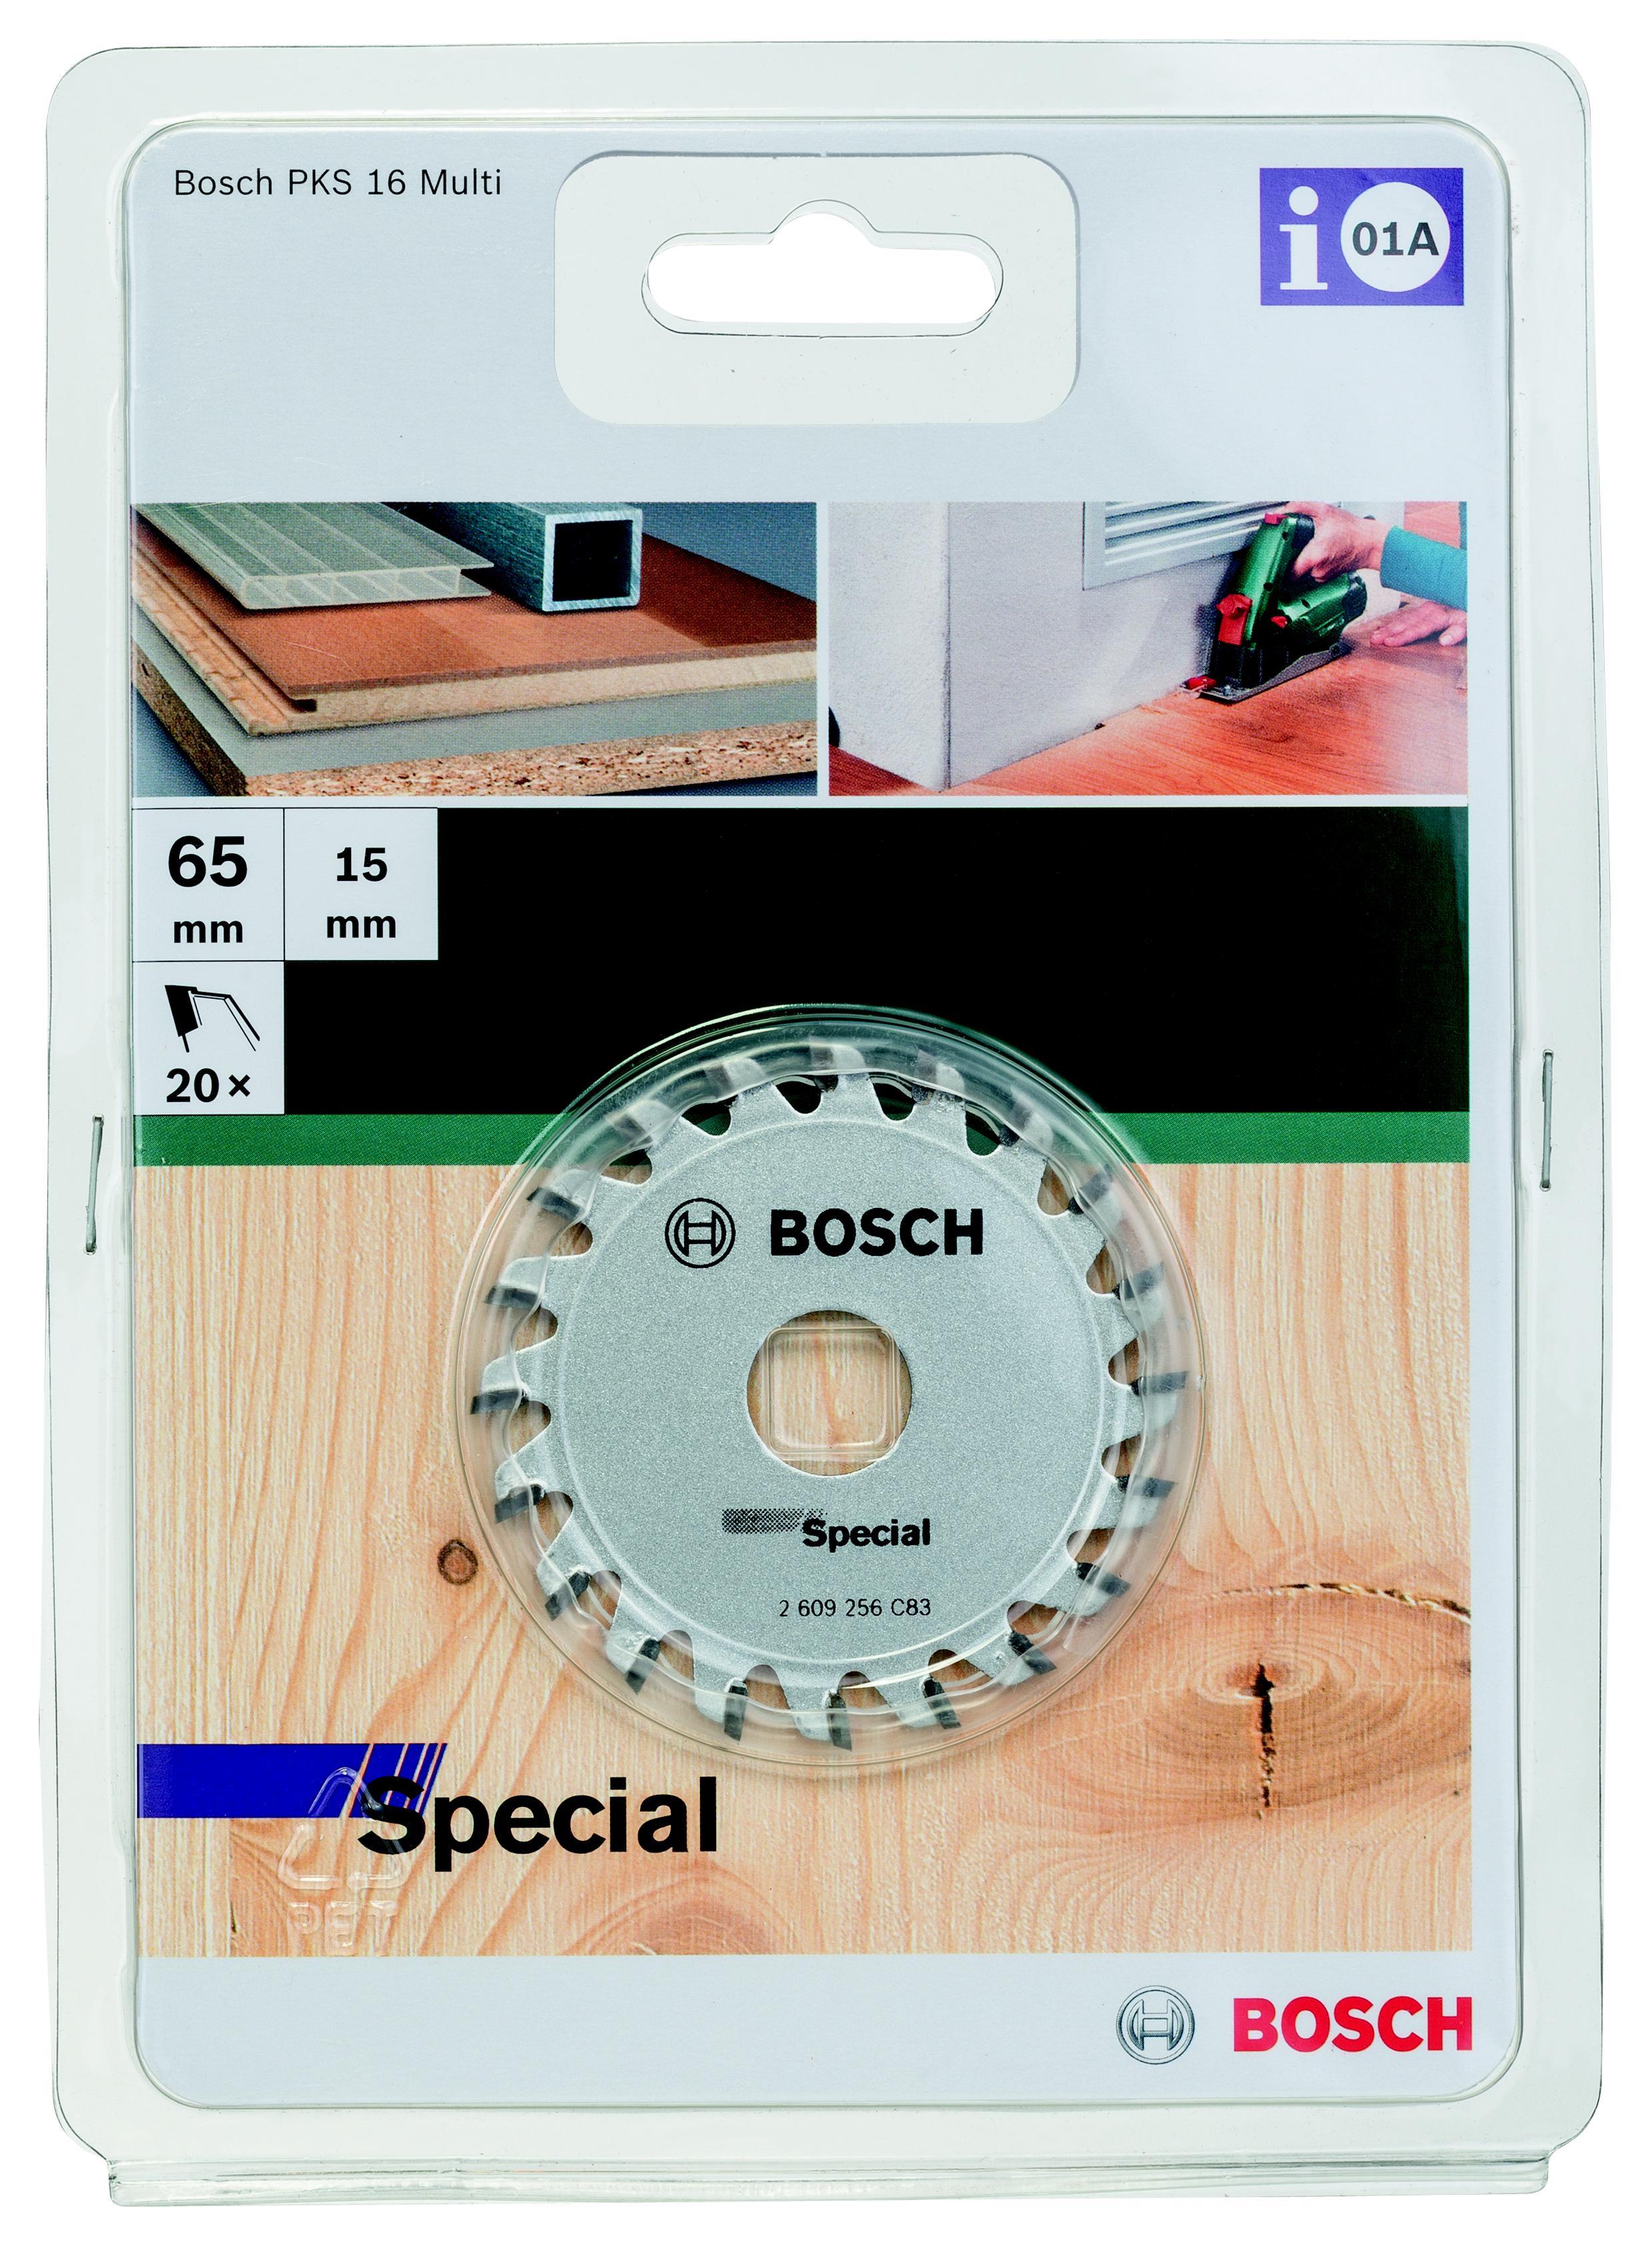 цена на Диск пильный твердосплавный Bosch Precision 65x20x15, для pks 16 multi (2.609.256.c83)